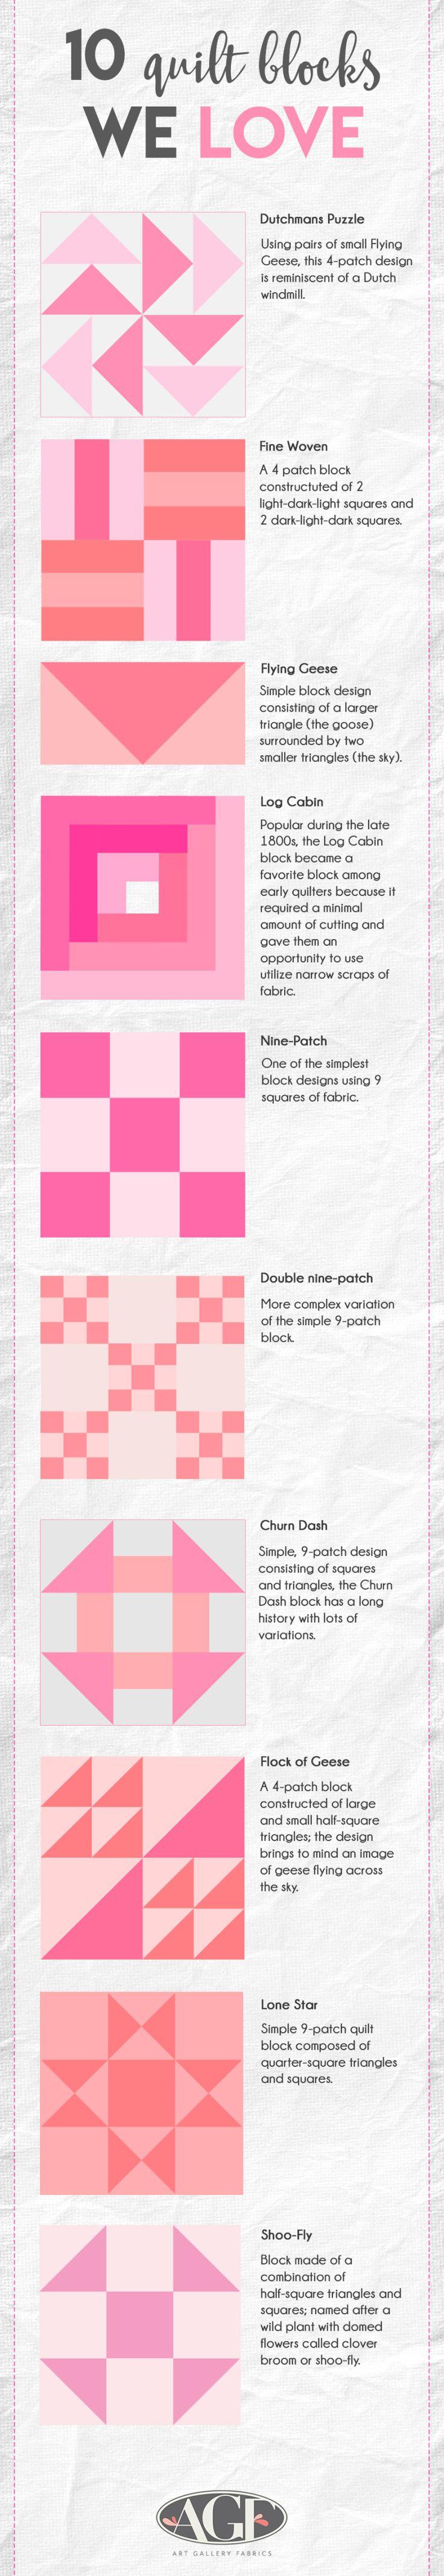 10 quilt blocks we love!